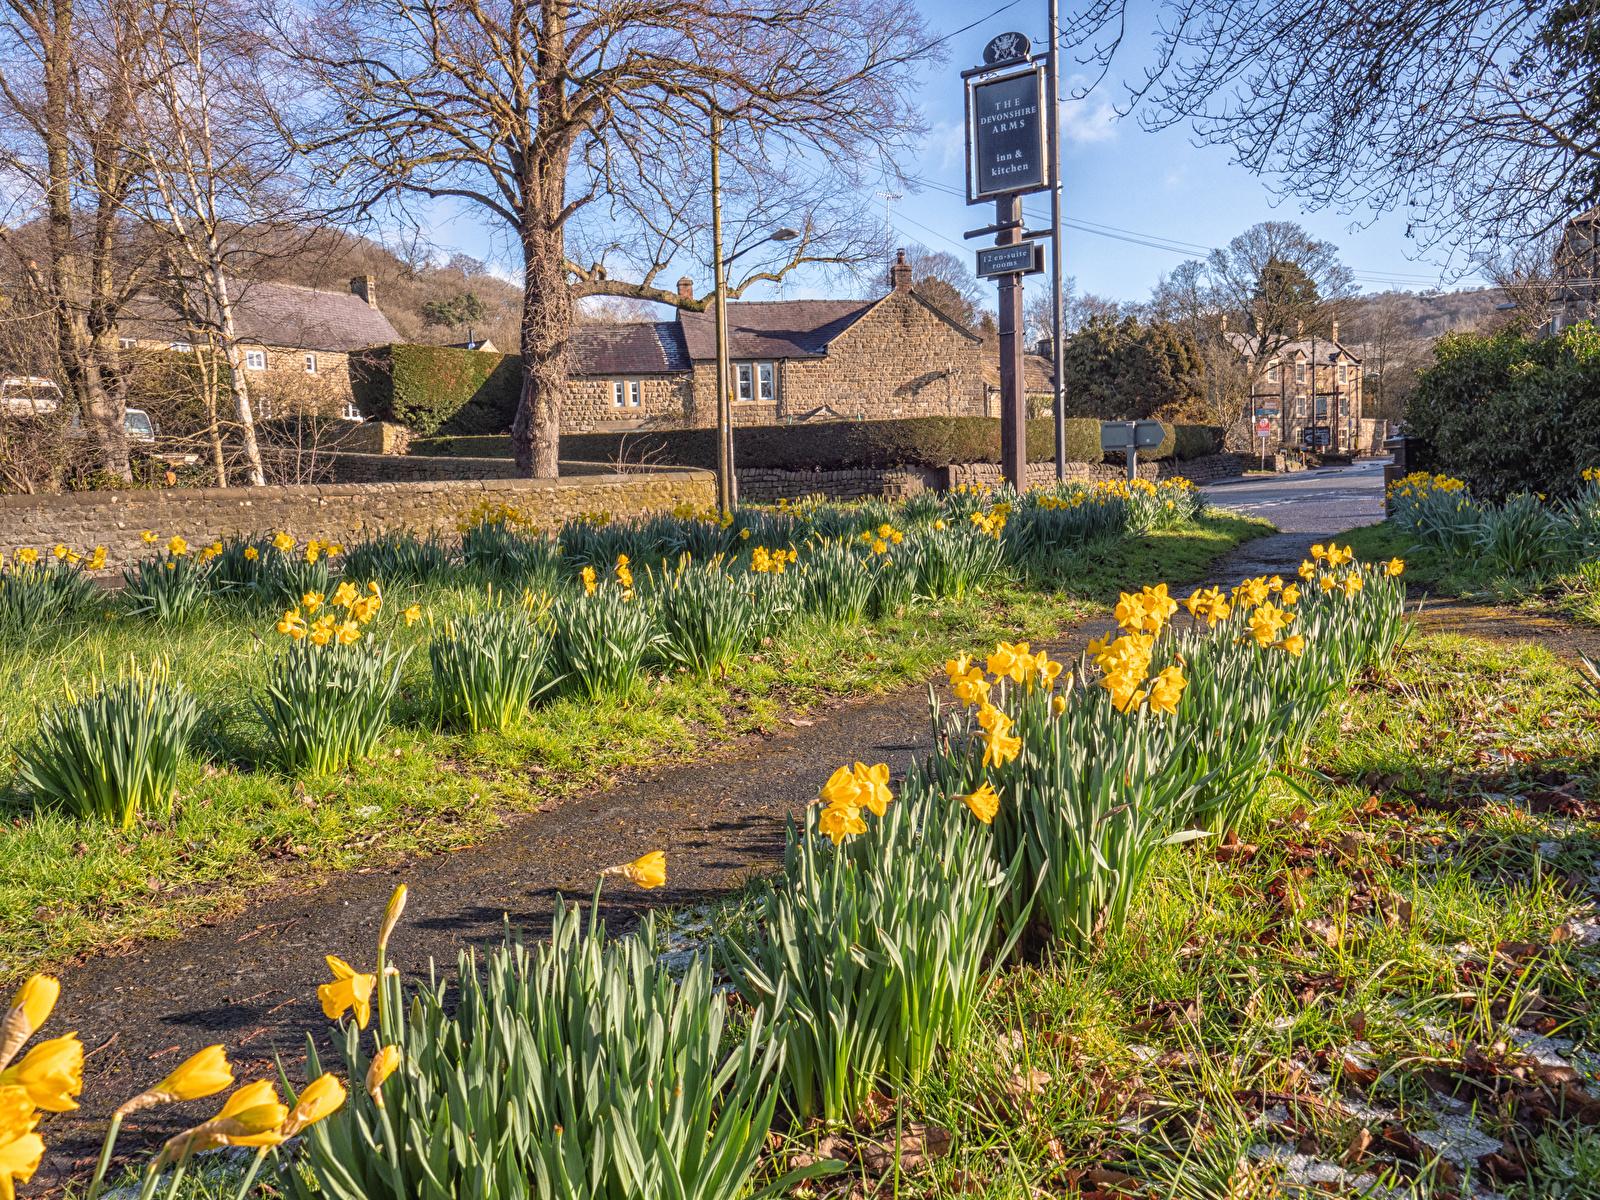 Картинки Великобритания Baslow Derbyshire весенние улице Нарциссы город Здания 1600x1200 Весна улиц Улица Дома Города